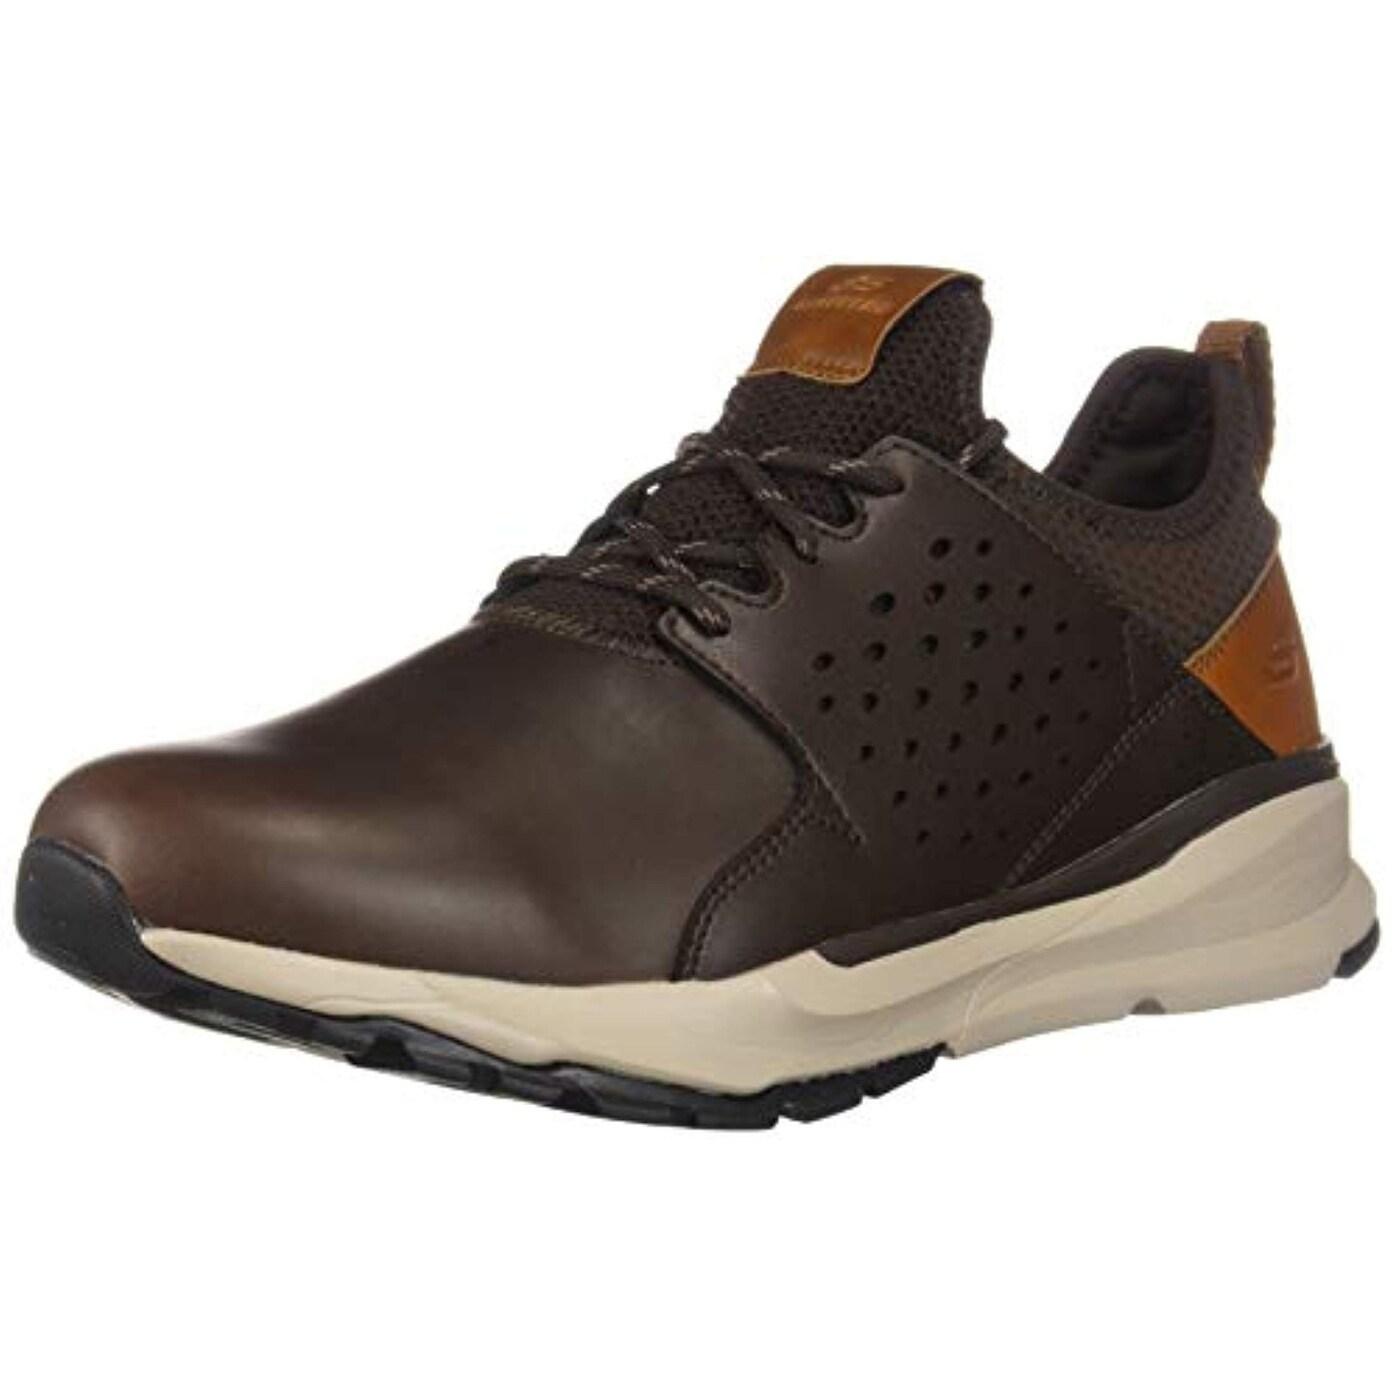 Skechers Men's Relven Hemson Sneaker, Chocolate, 10.5 Medium Us